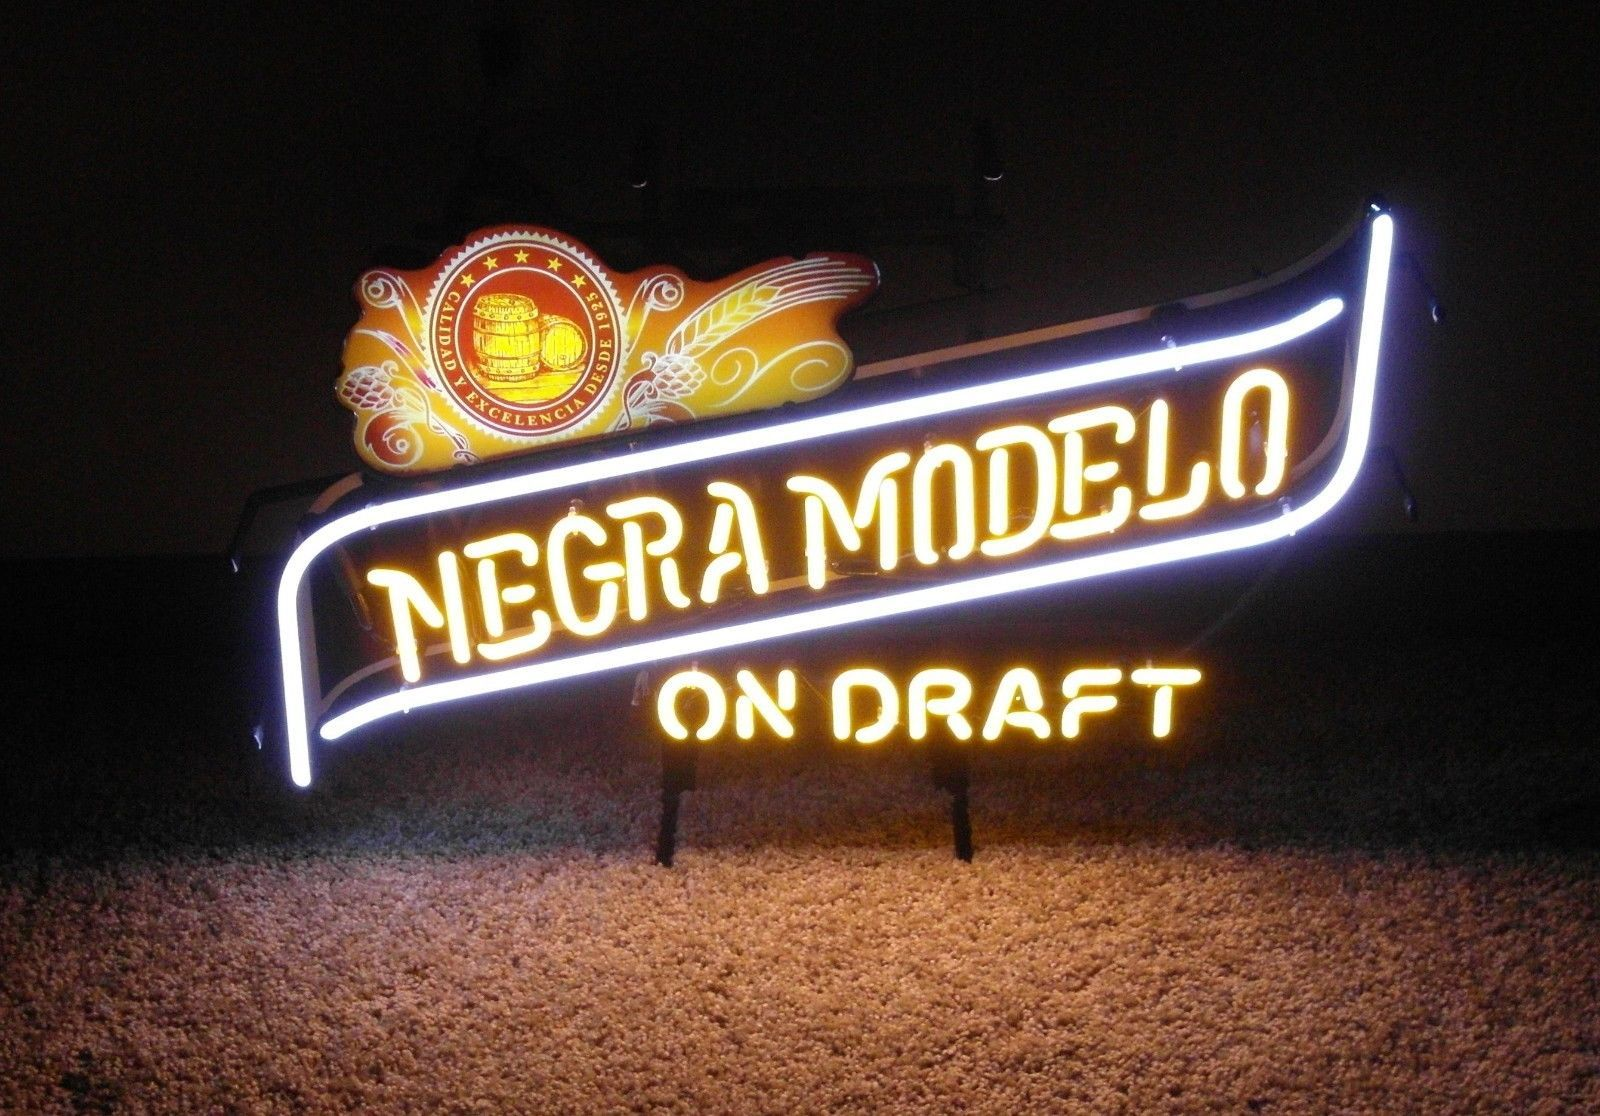 Negra Modelo On Draft Beer Glass Neon Light Bar Sign - 26